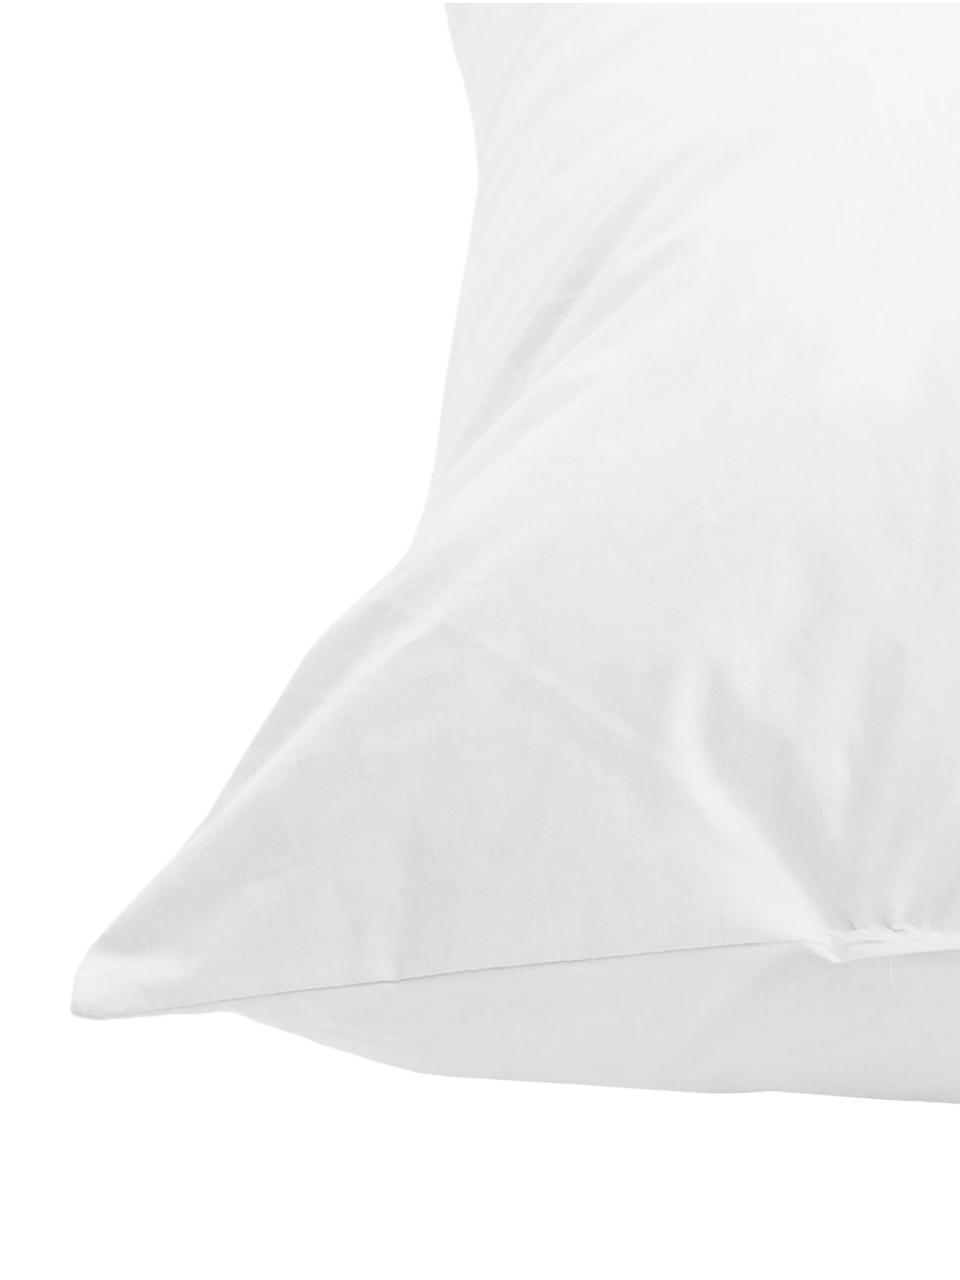 Kissen-Inlett Premium, 30x50, Daunen/Feder-Füllung, Weiß, 30 x 50 cm